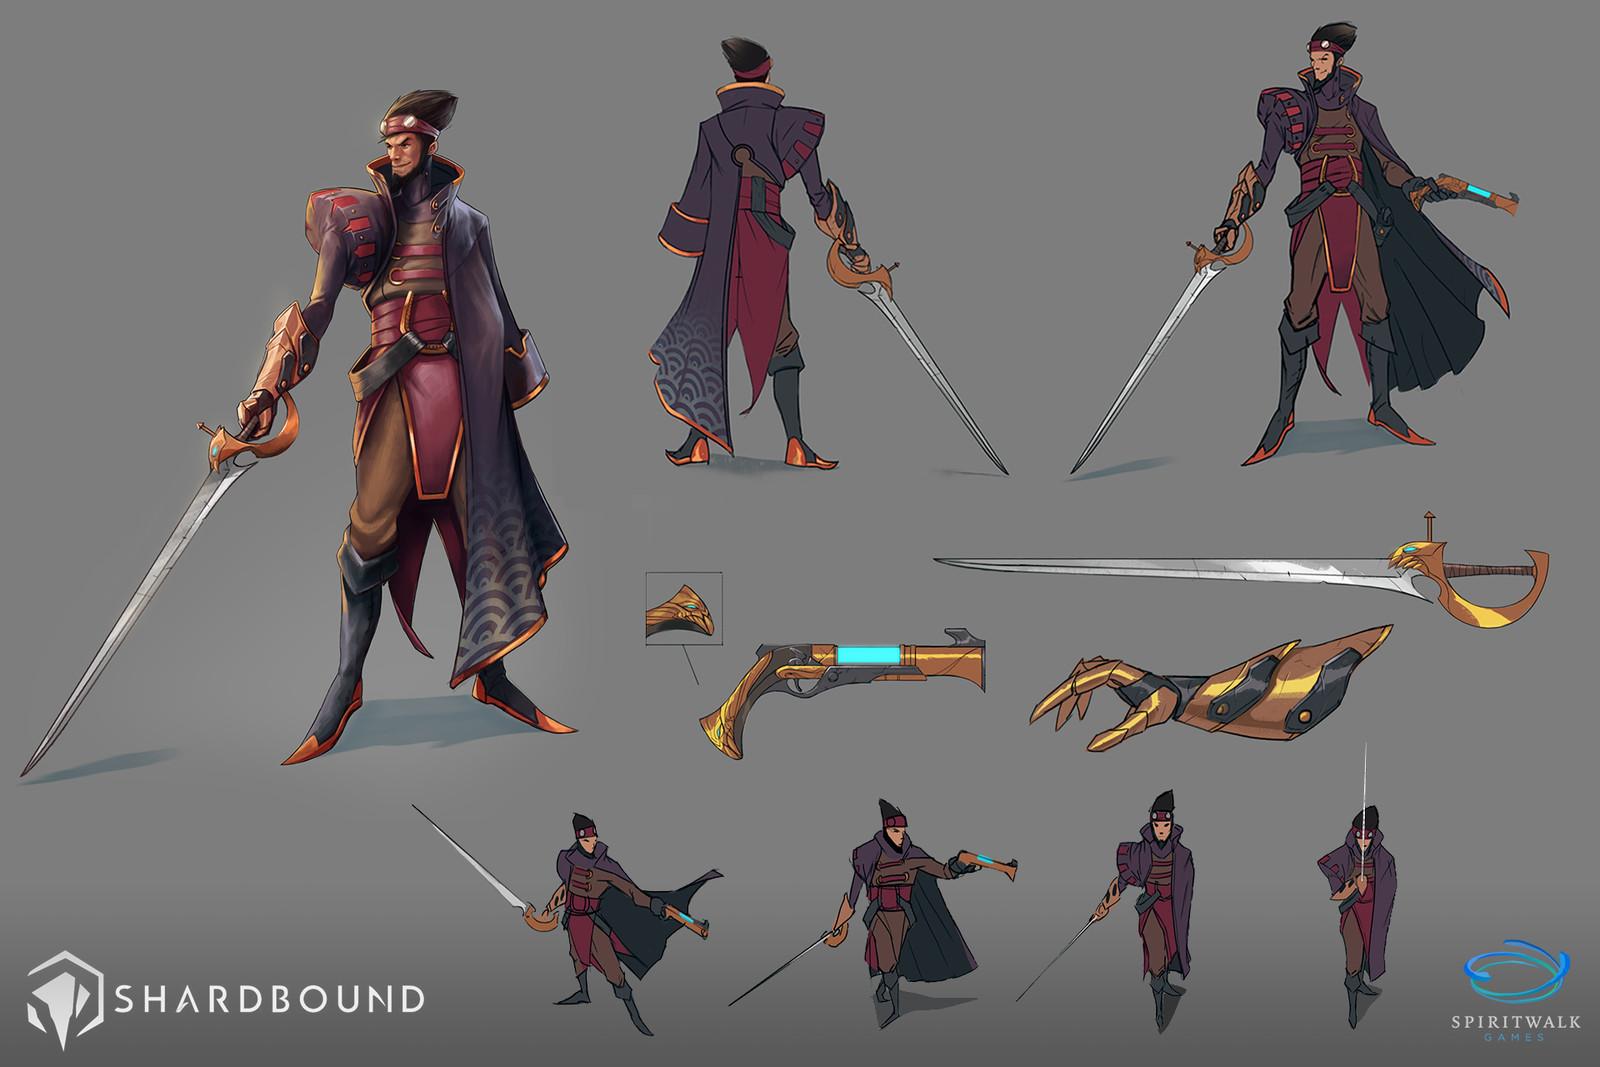 Gunblade - Shardbound